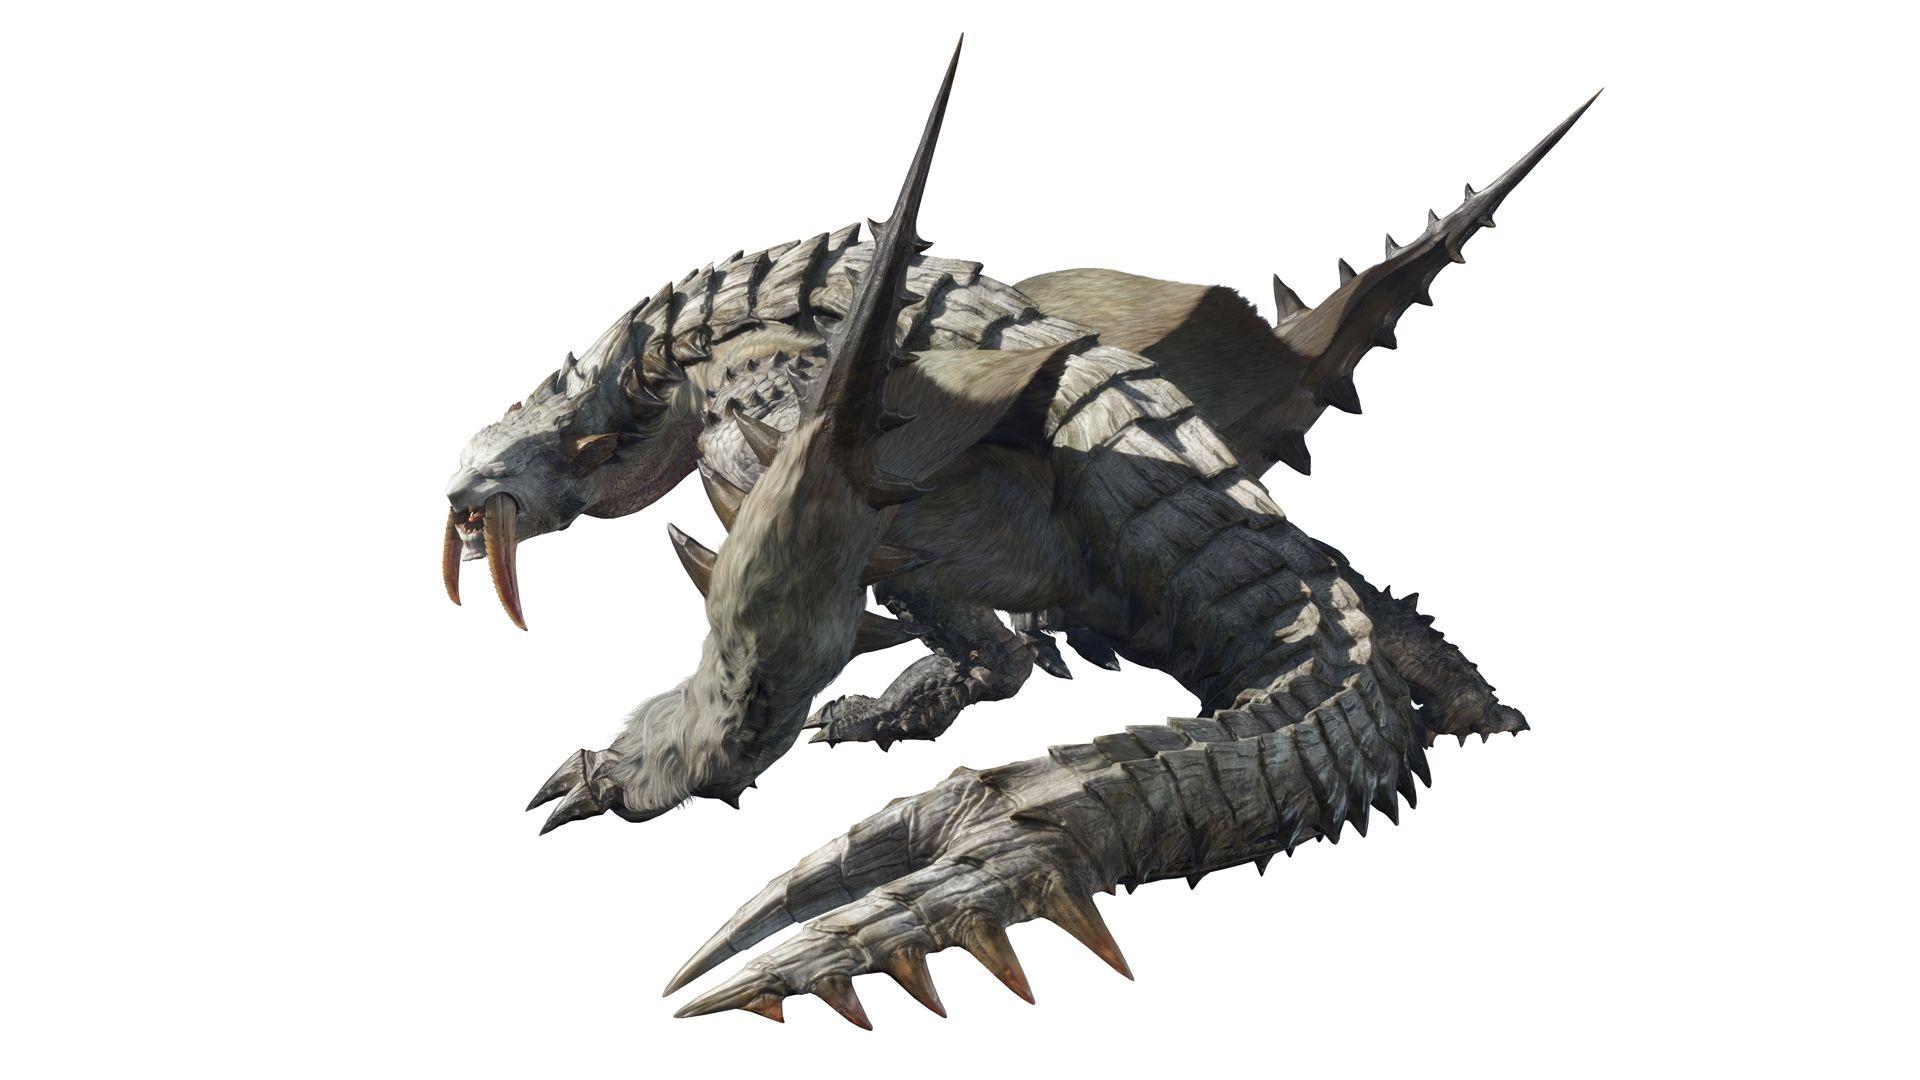 Сражения с монстрами в открытом мире в геймплее демо Monster Hunter Rise